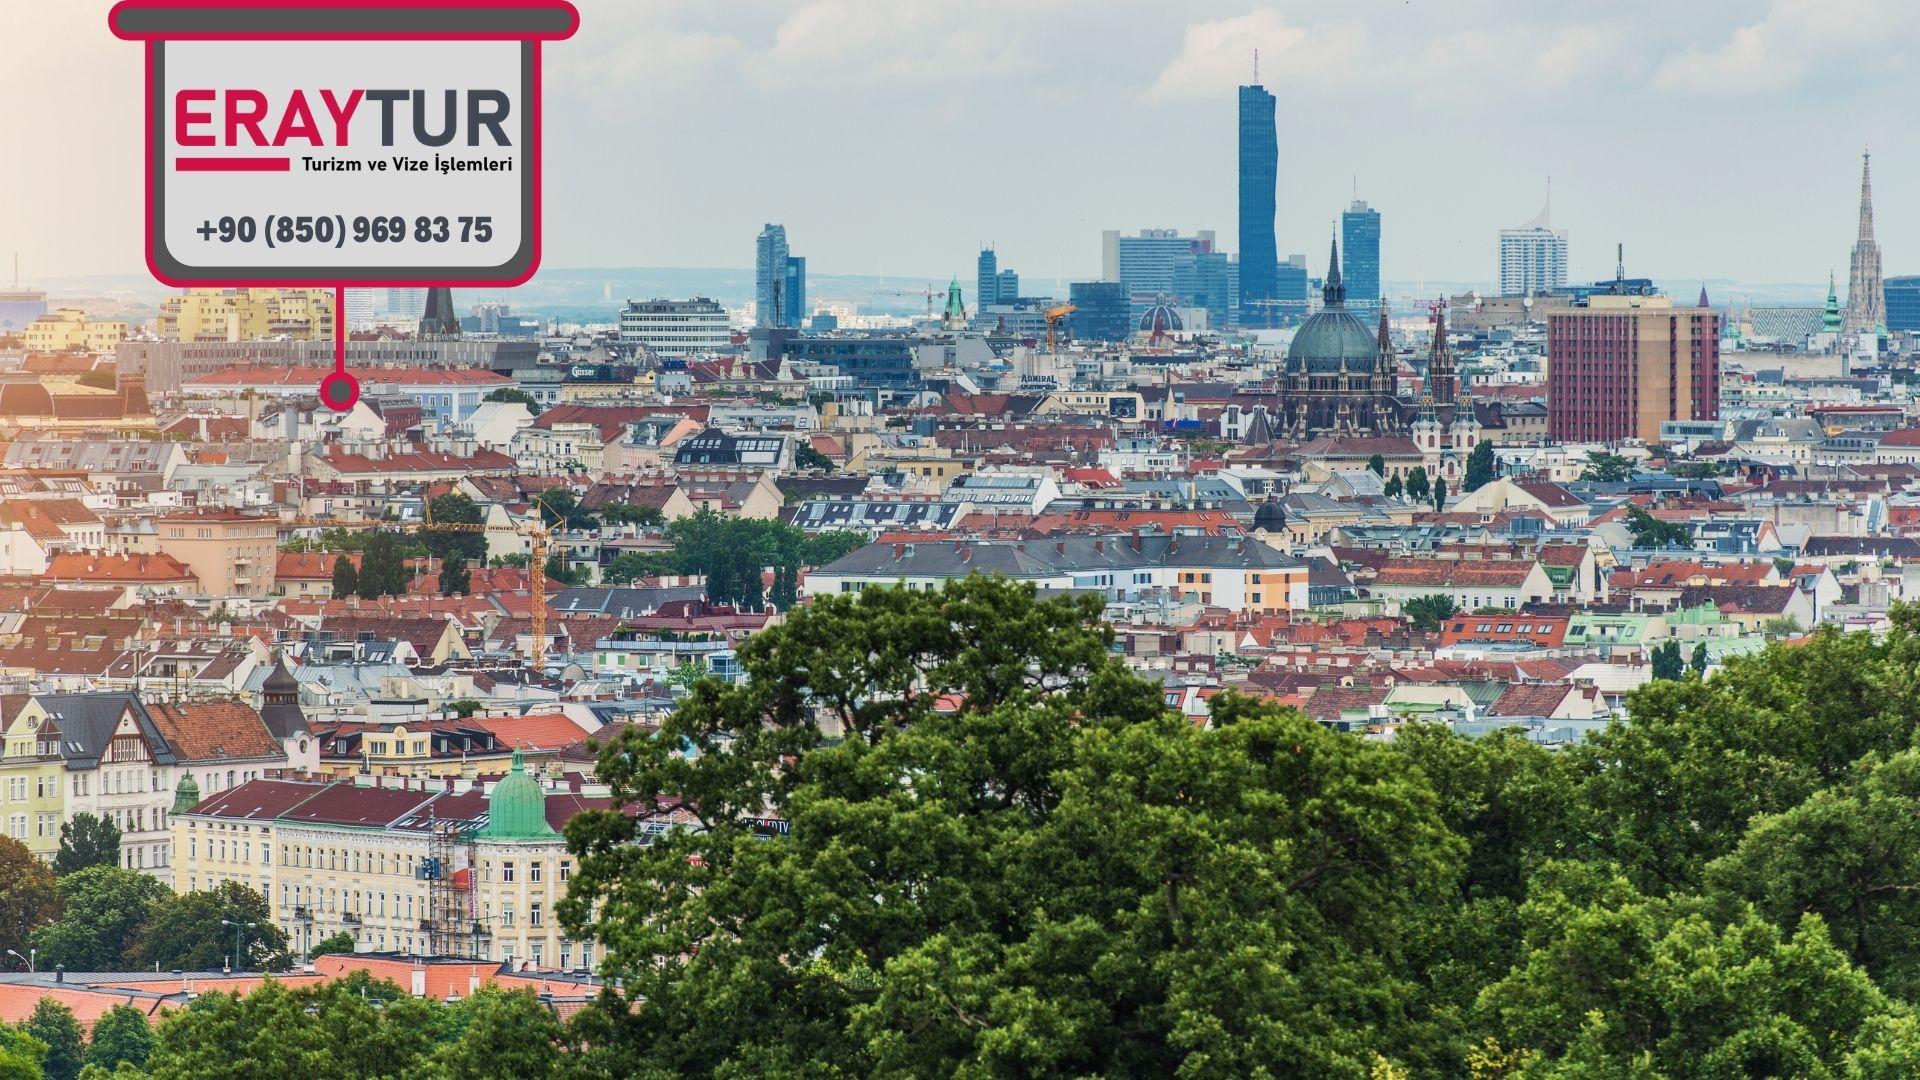 Avusturya Aile Ziyareti Vize Ücreti